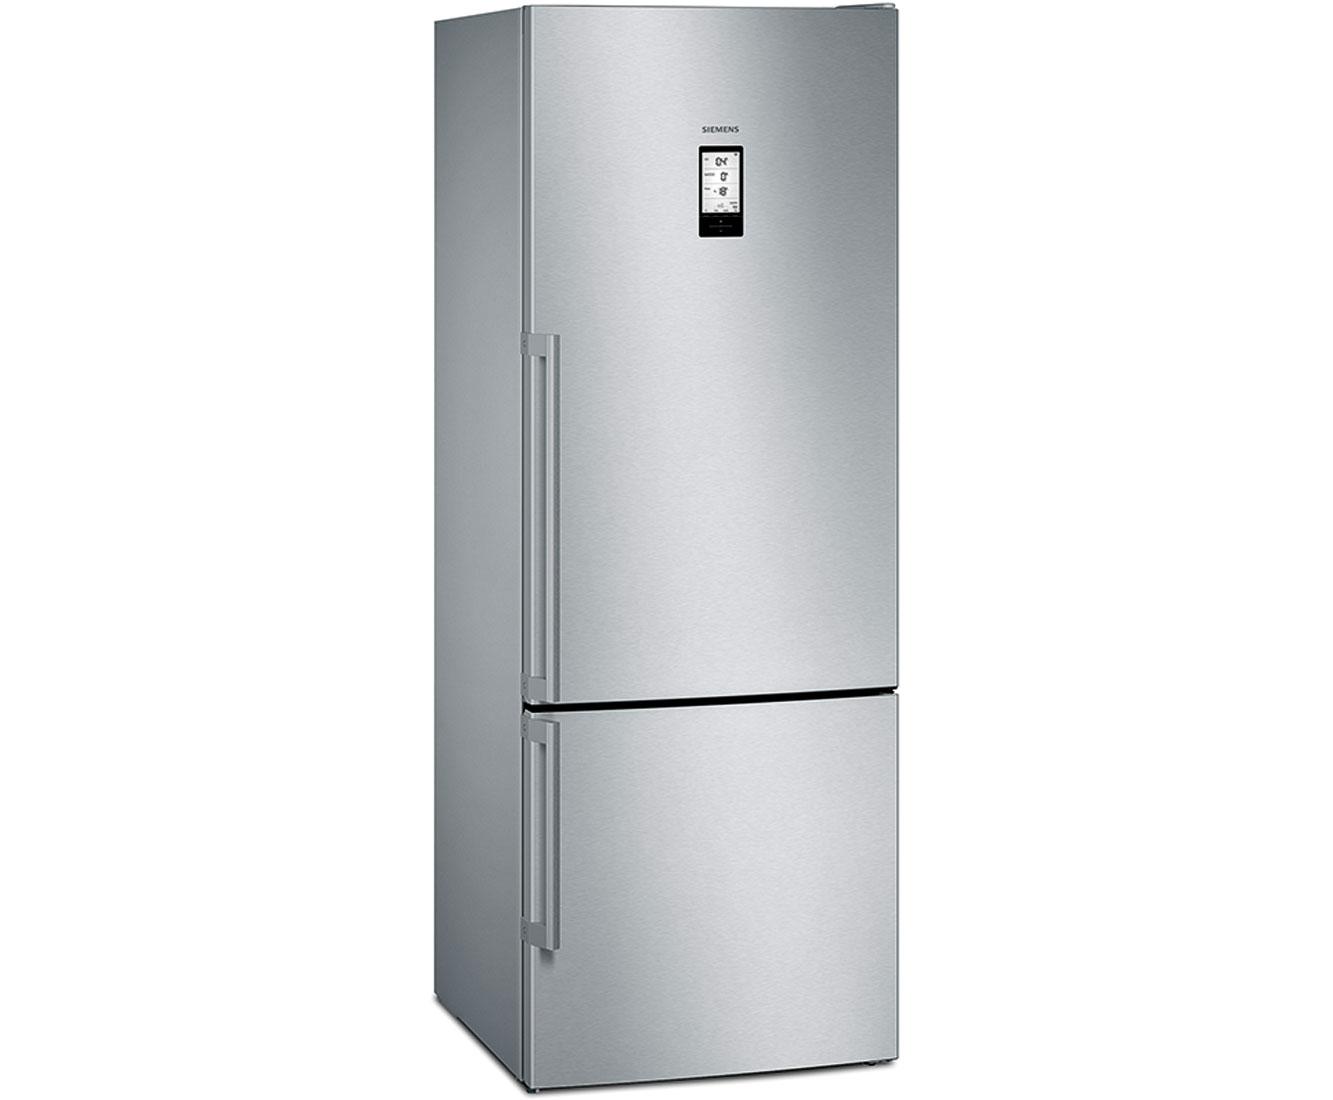 Kleiner Kühlschrank No Frost : Einbau kühlschrank no frost beko b a einbau